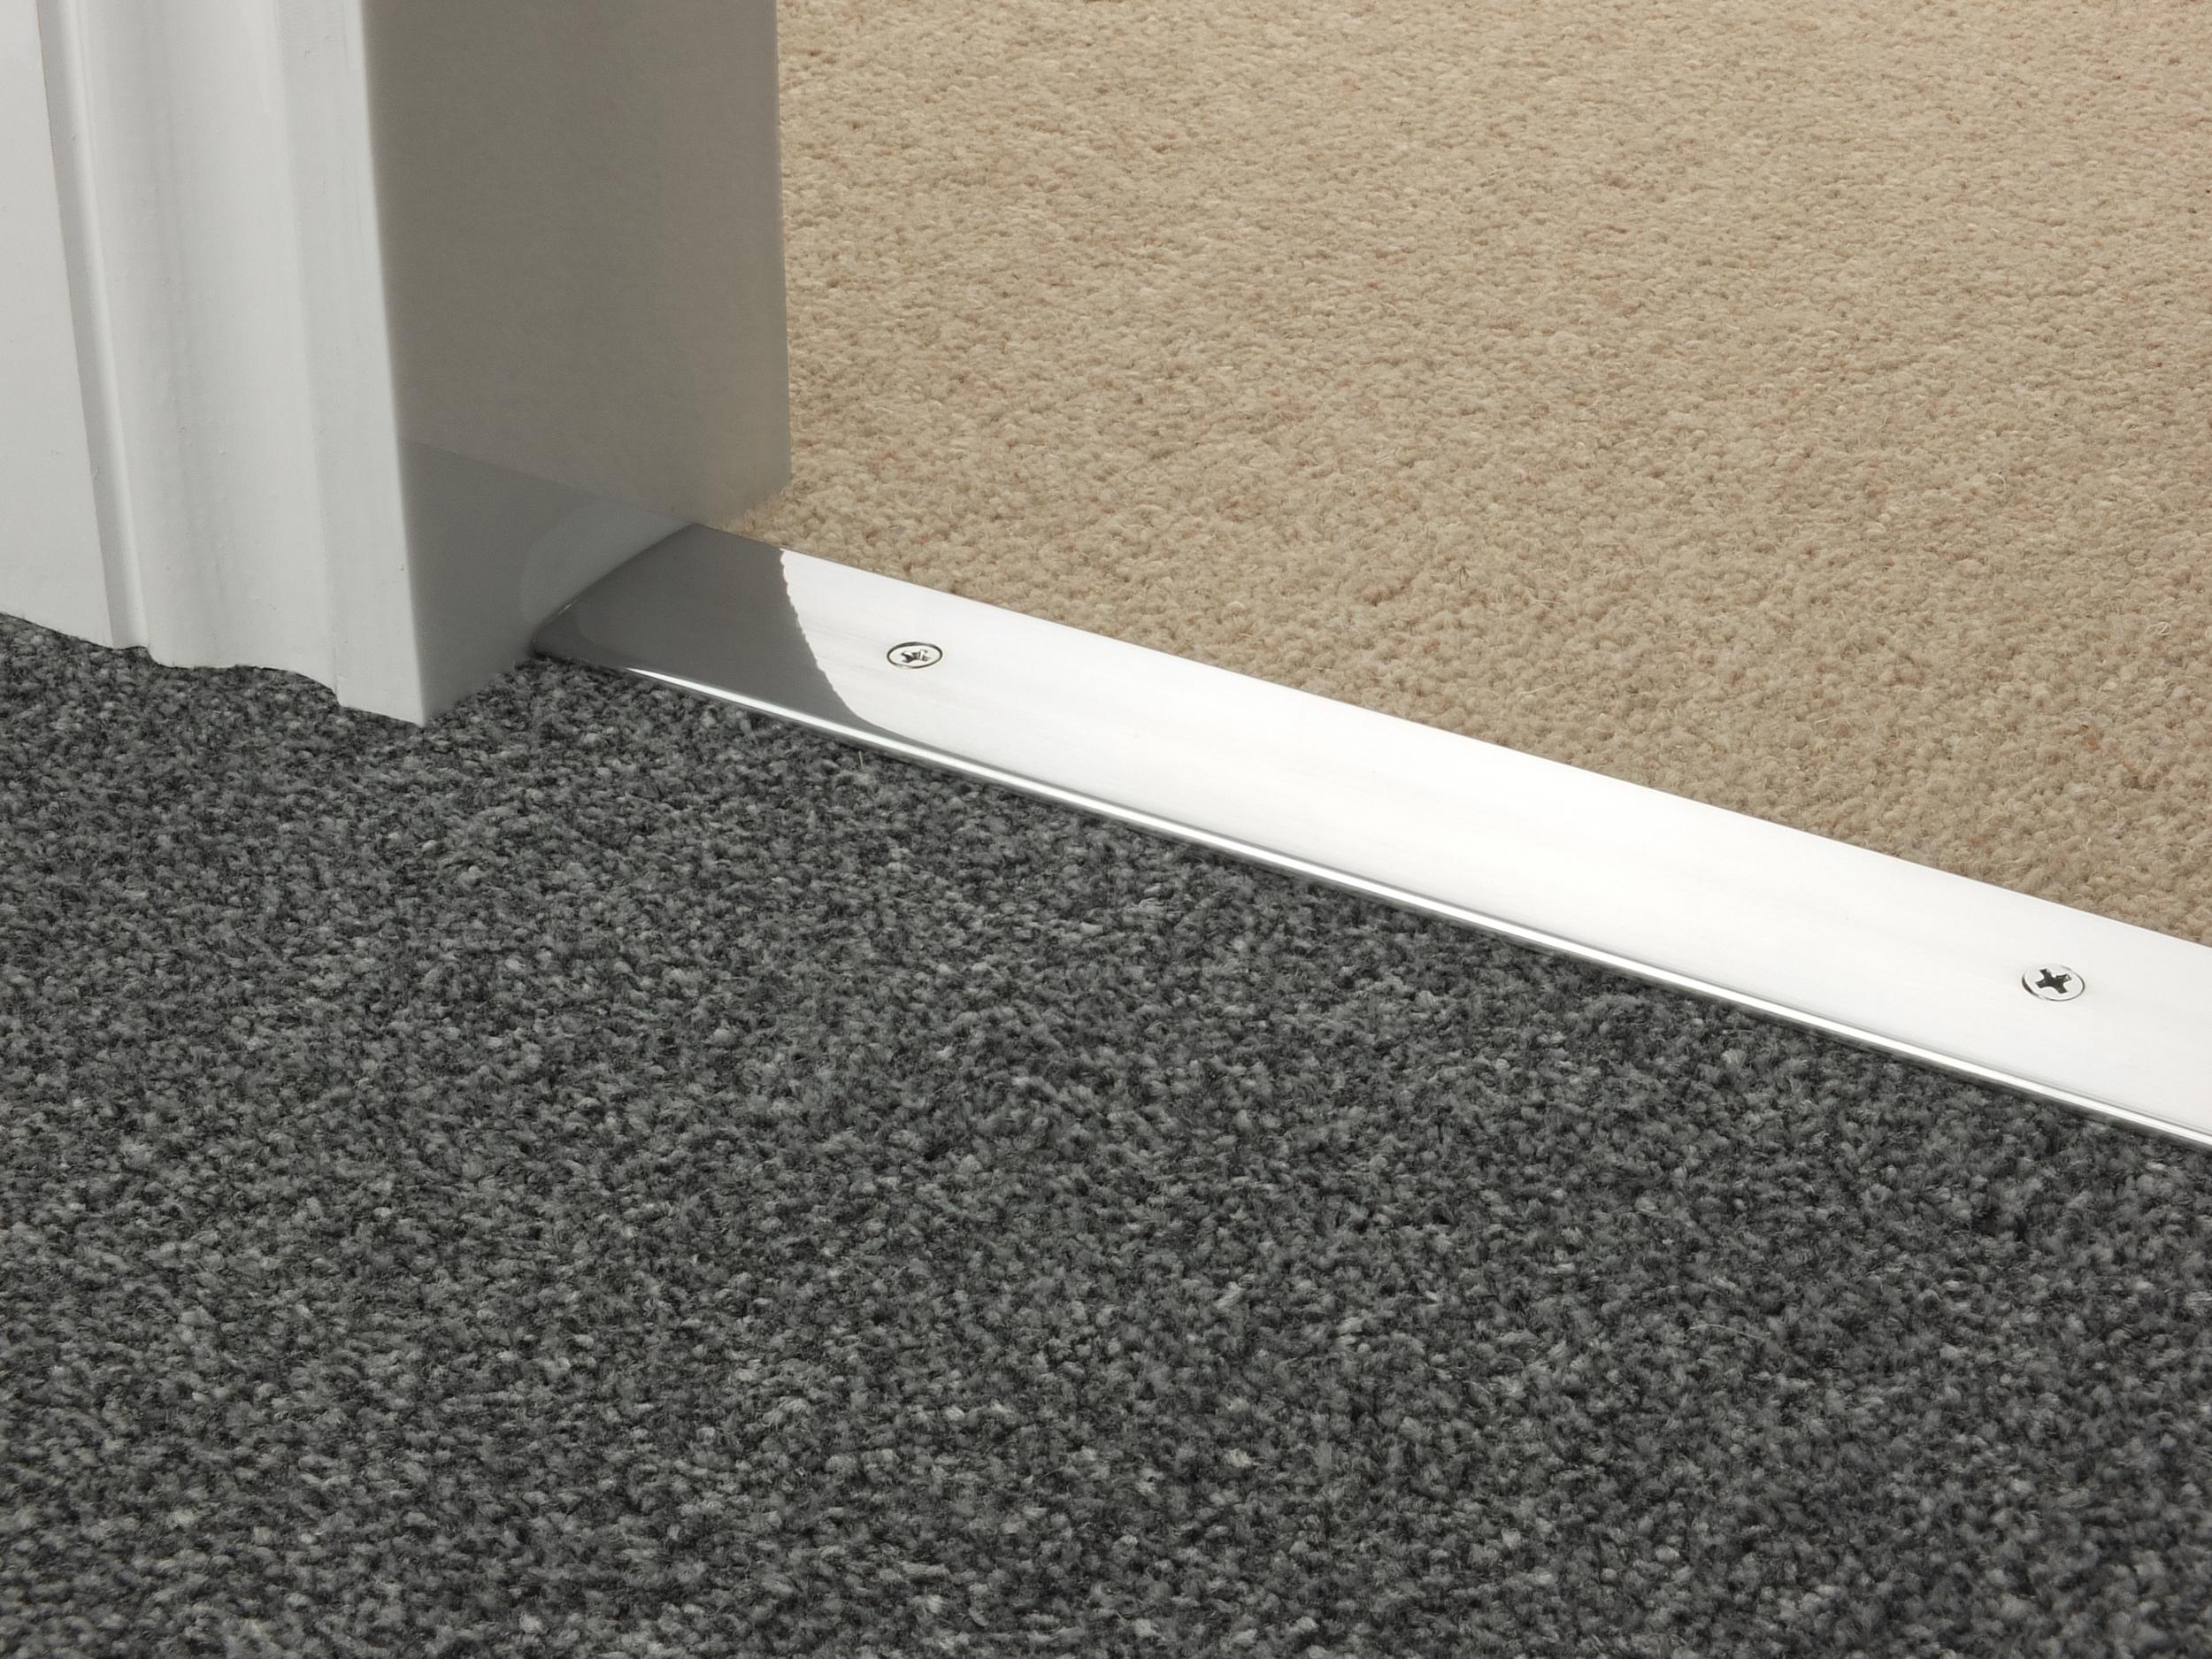 door_bar_brushed_chrome_cover_carpet_carpet.jpg